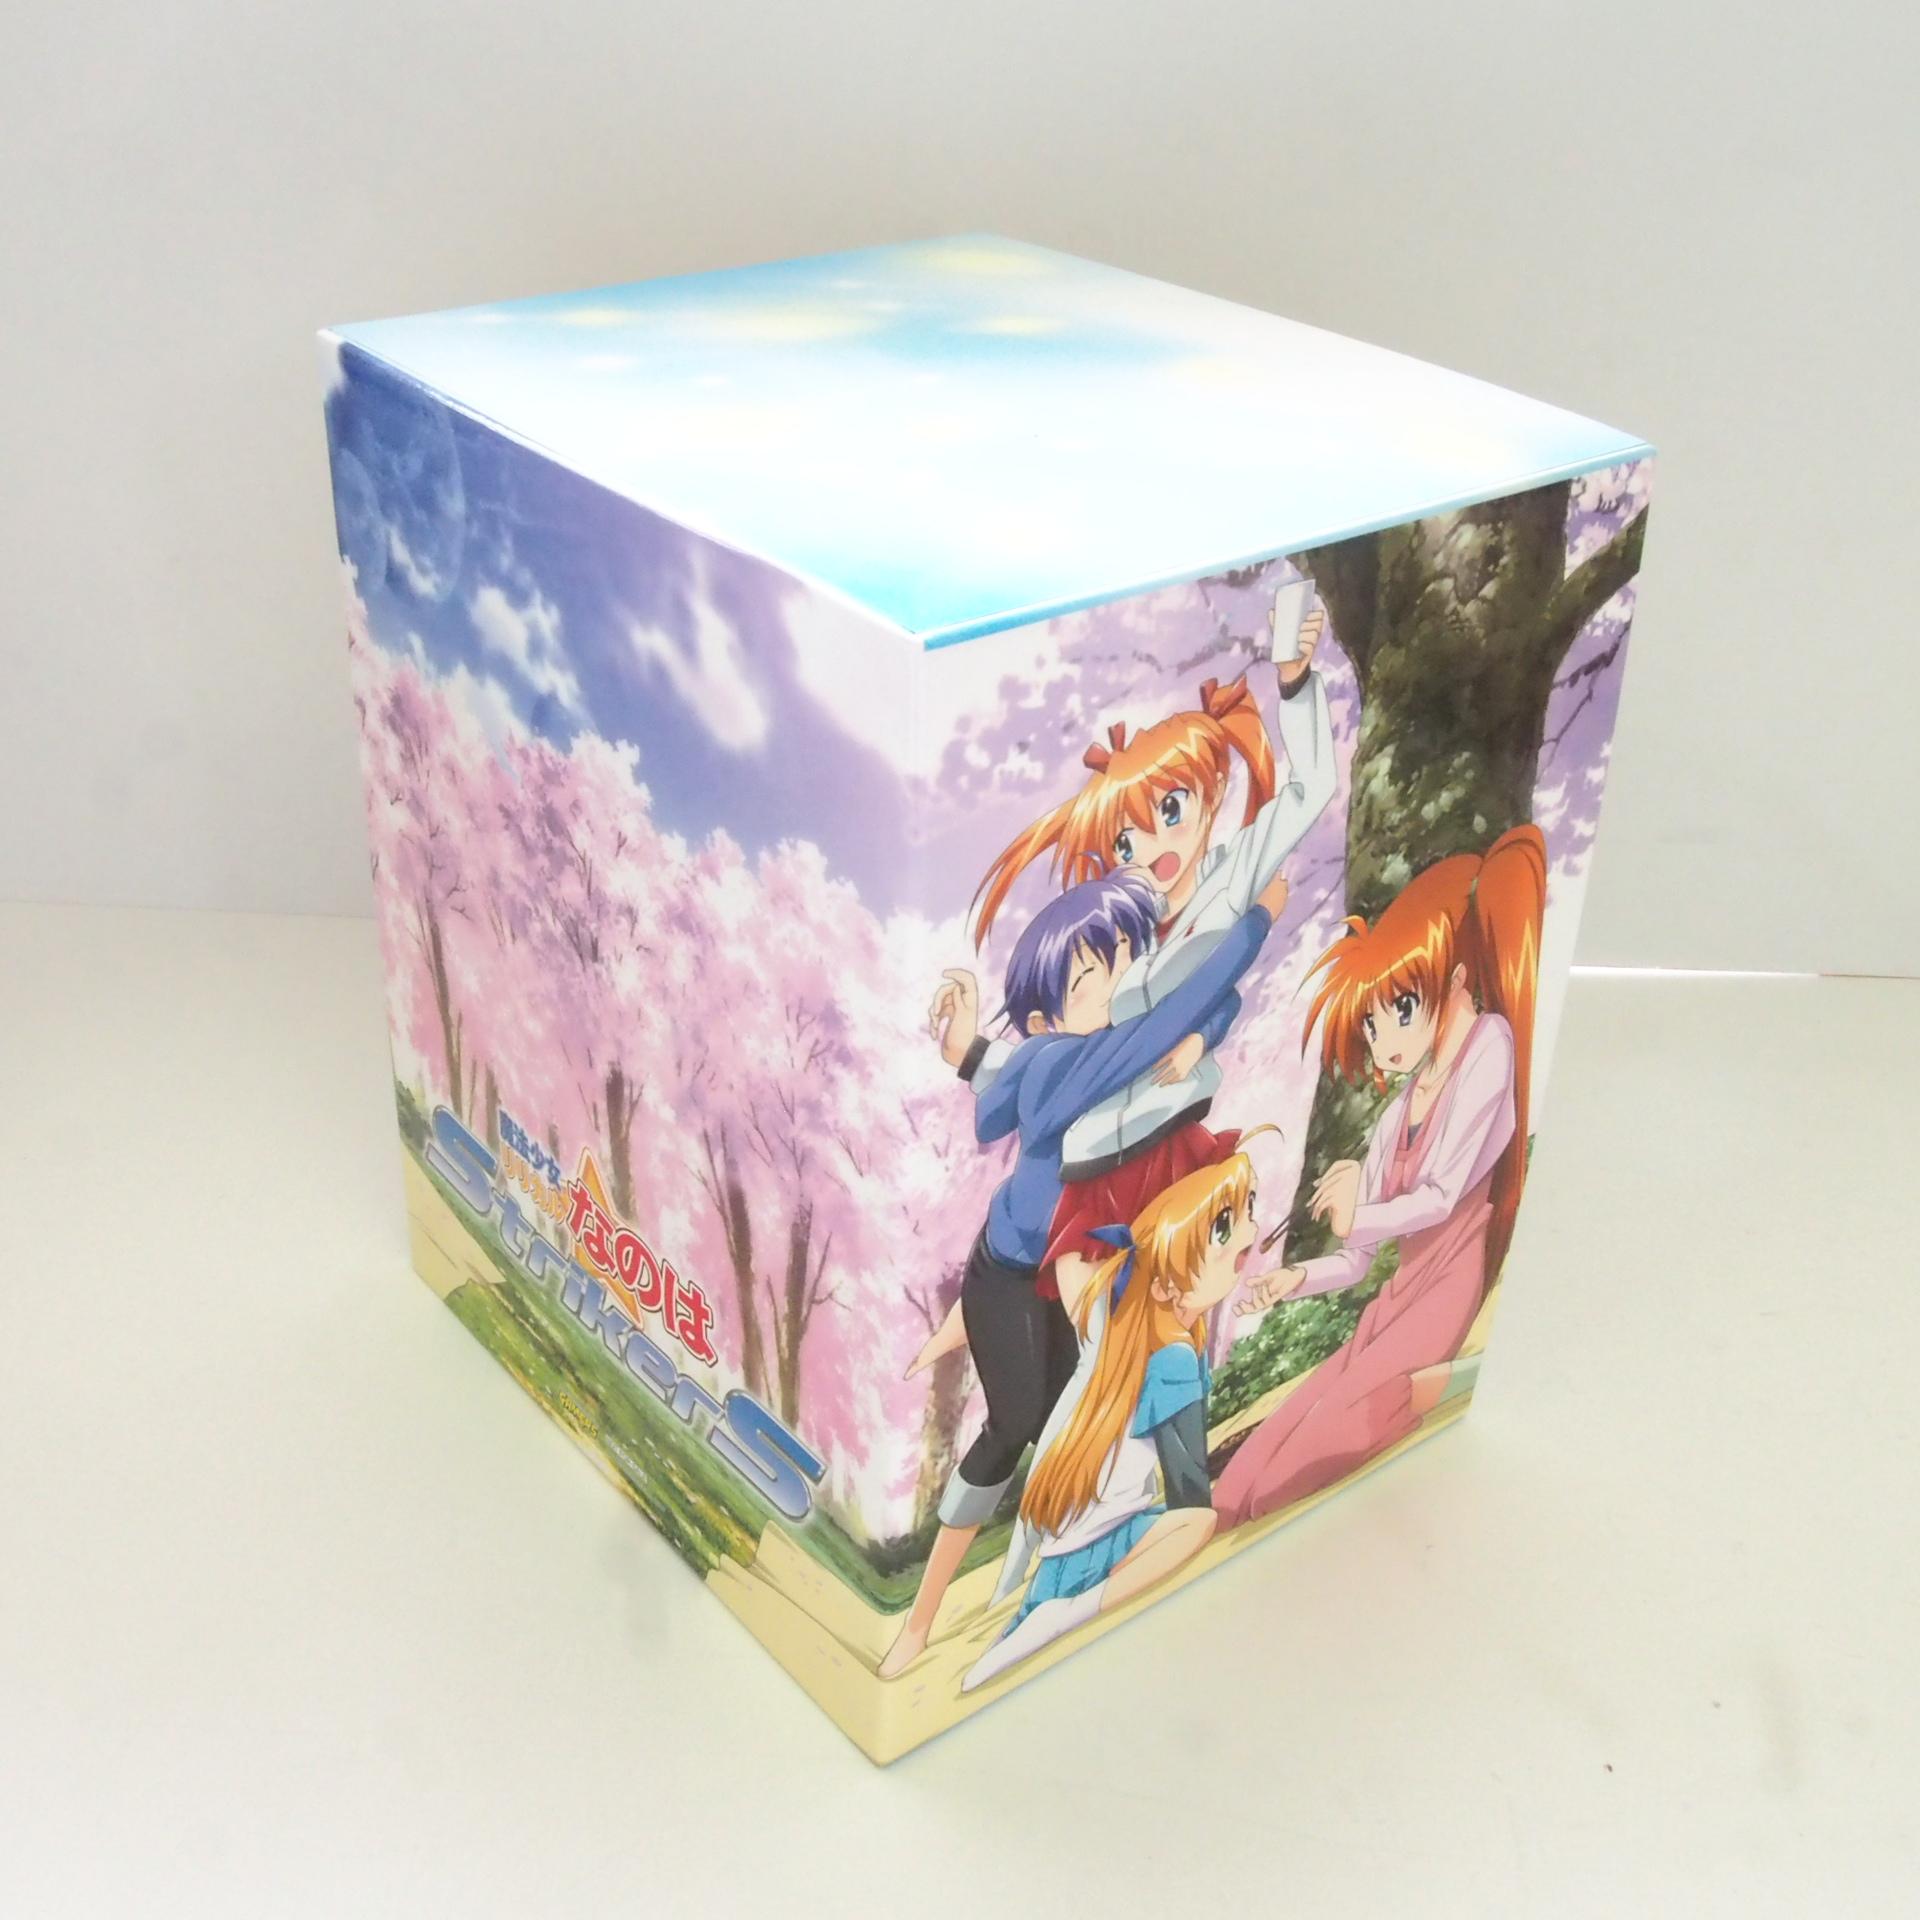 買取した魔法少女リリカルなのはStrikerS ゲーマーズ特典BOXの後ろ側